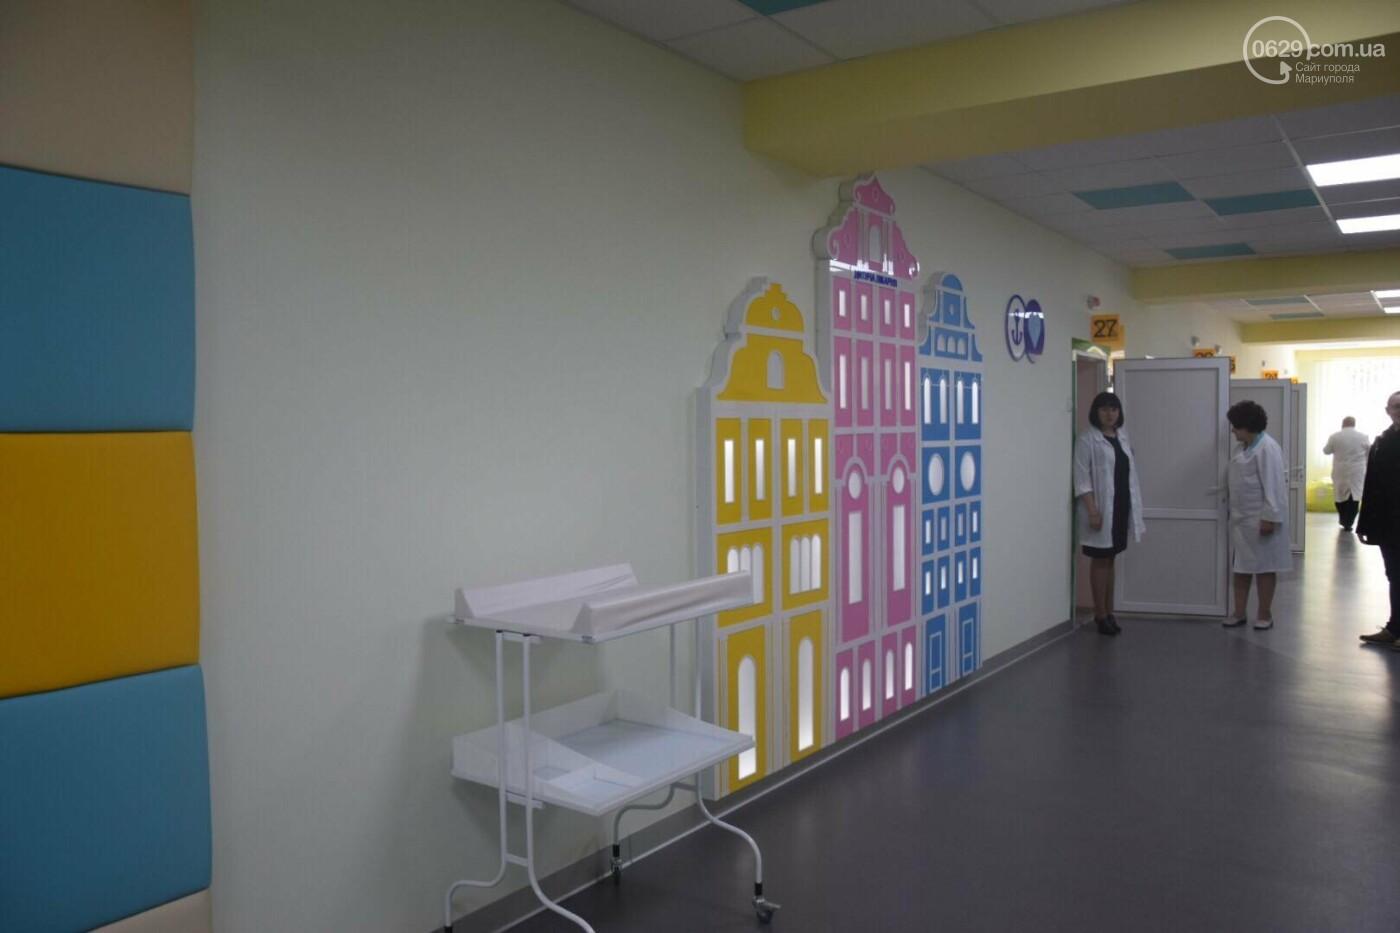 В Мариуполе Владимир Гройсман открыл детскую поликлинику и познакомился с Сережей, - ФОТОРЕПОРТАЖ, ВИДЕО, фото-3